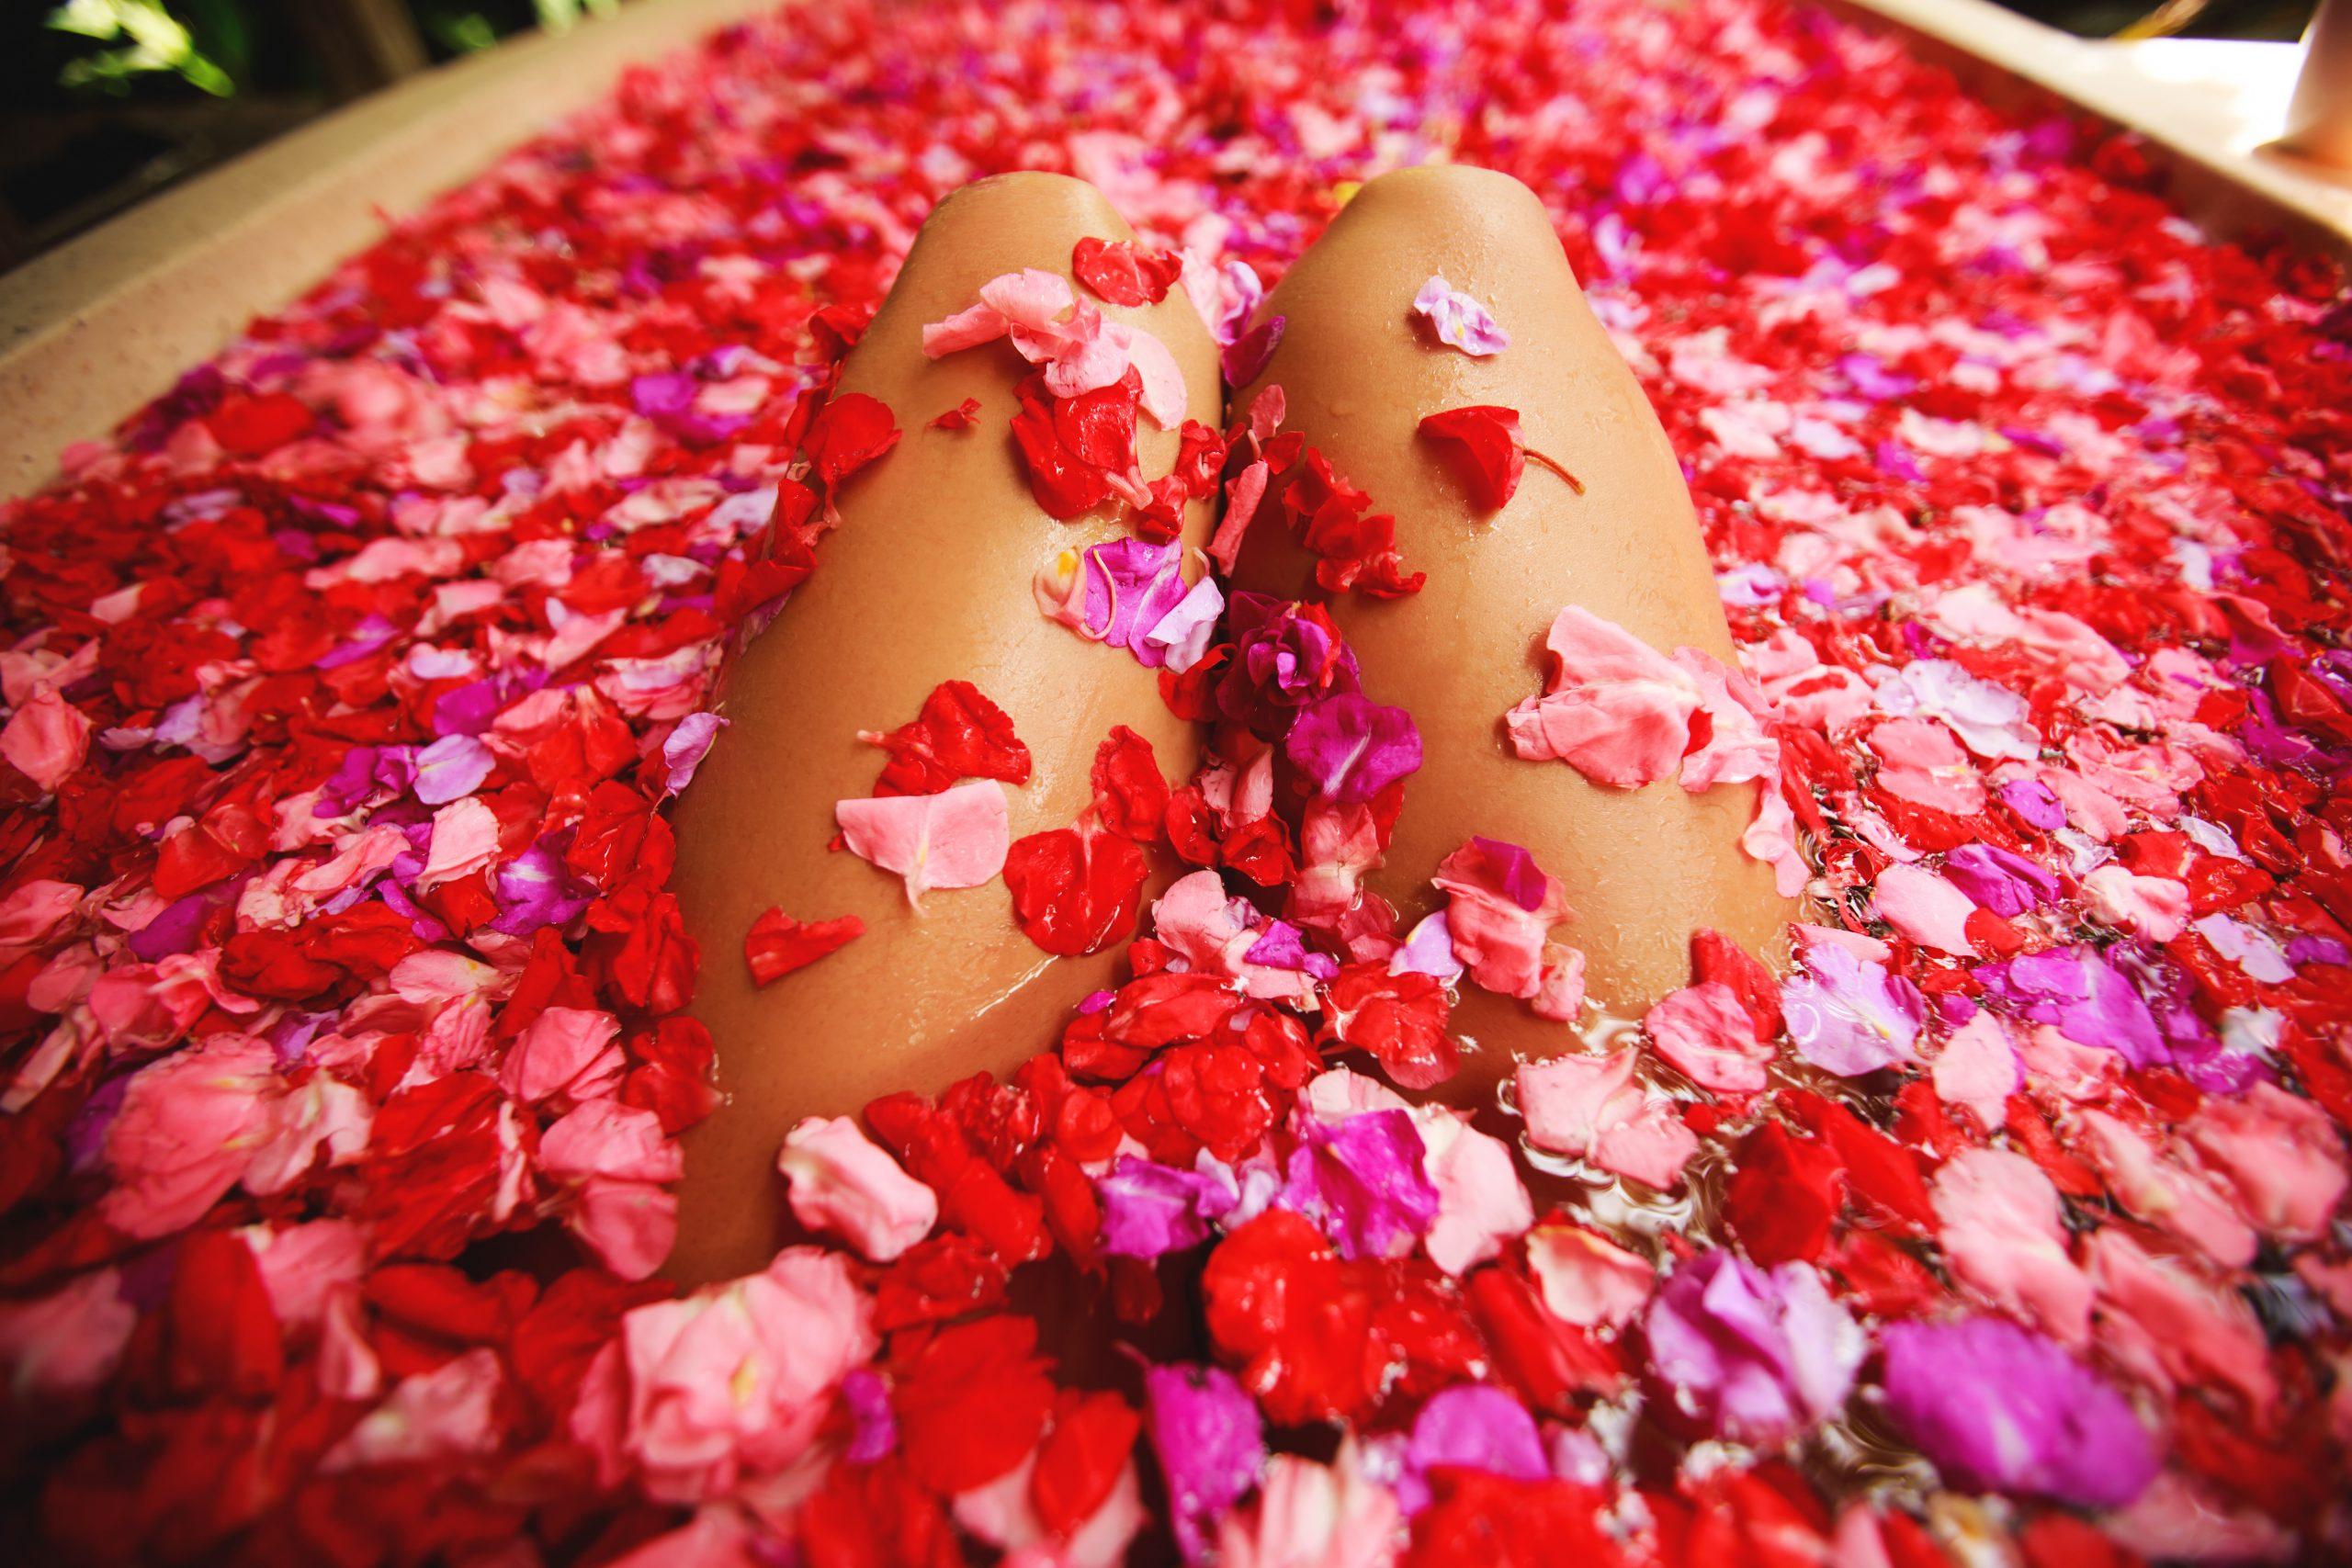 bain-moussant-petales-de-rose